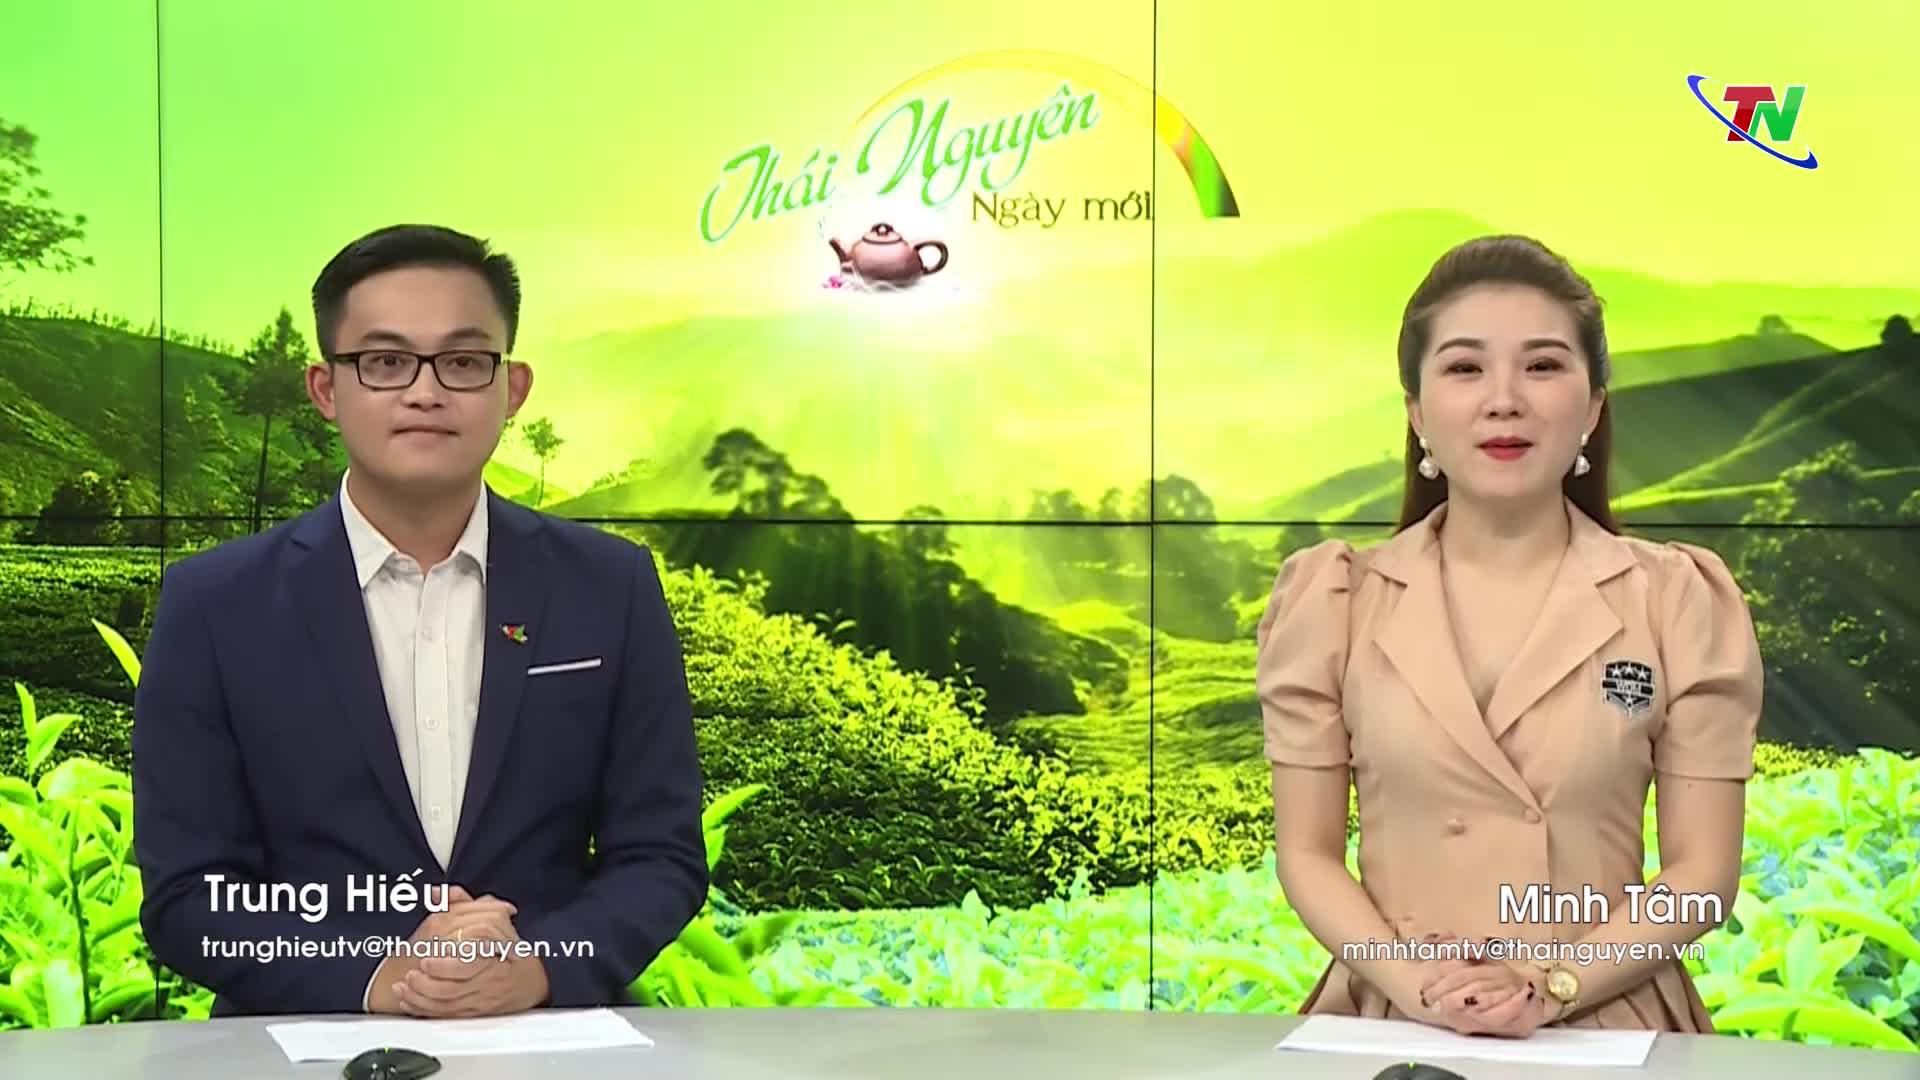 Thái Nguyên ngày mới 8/8/2020